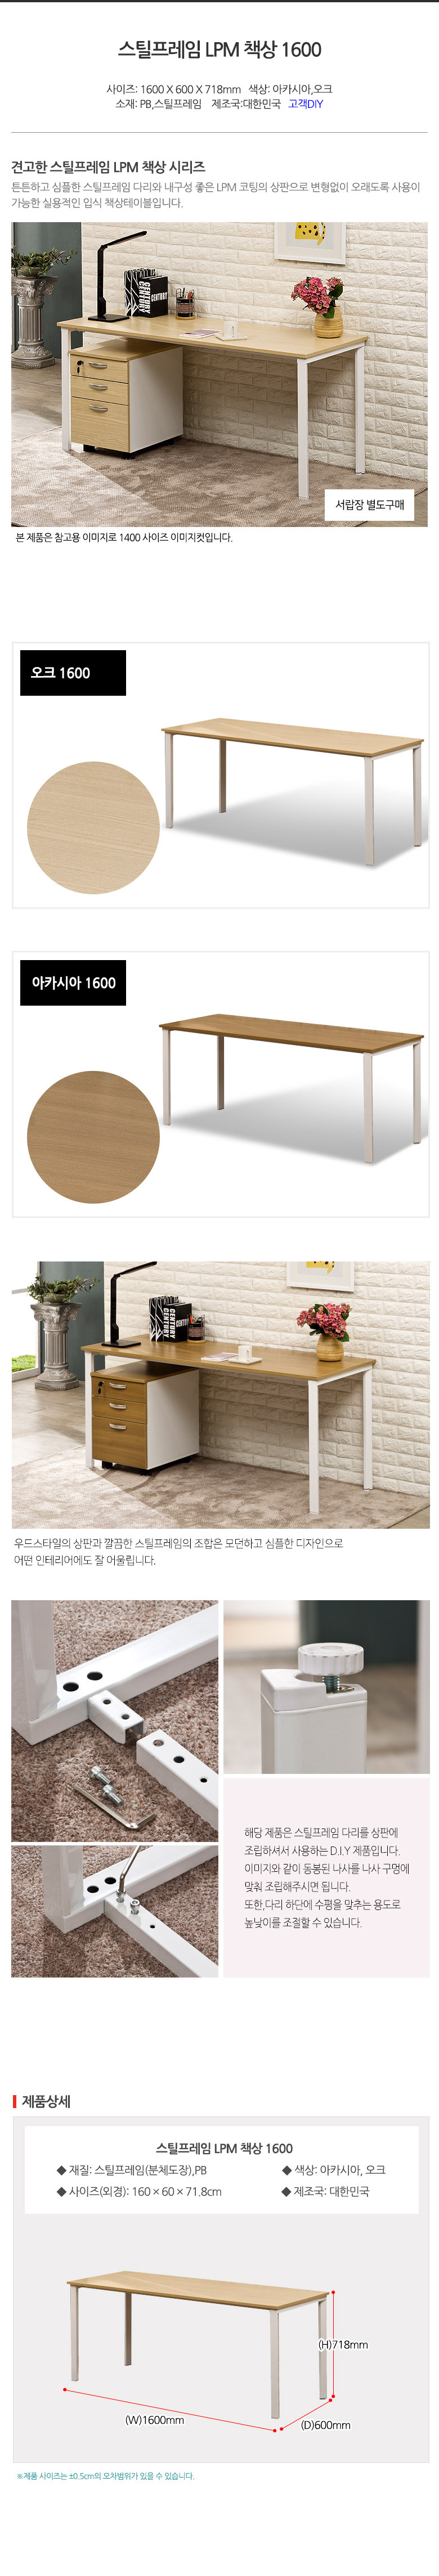 스틸프레임 LPM 책상 1600 - 포메리트, 229,000원, 책상/의자, 일반 책상